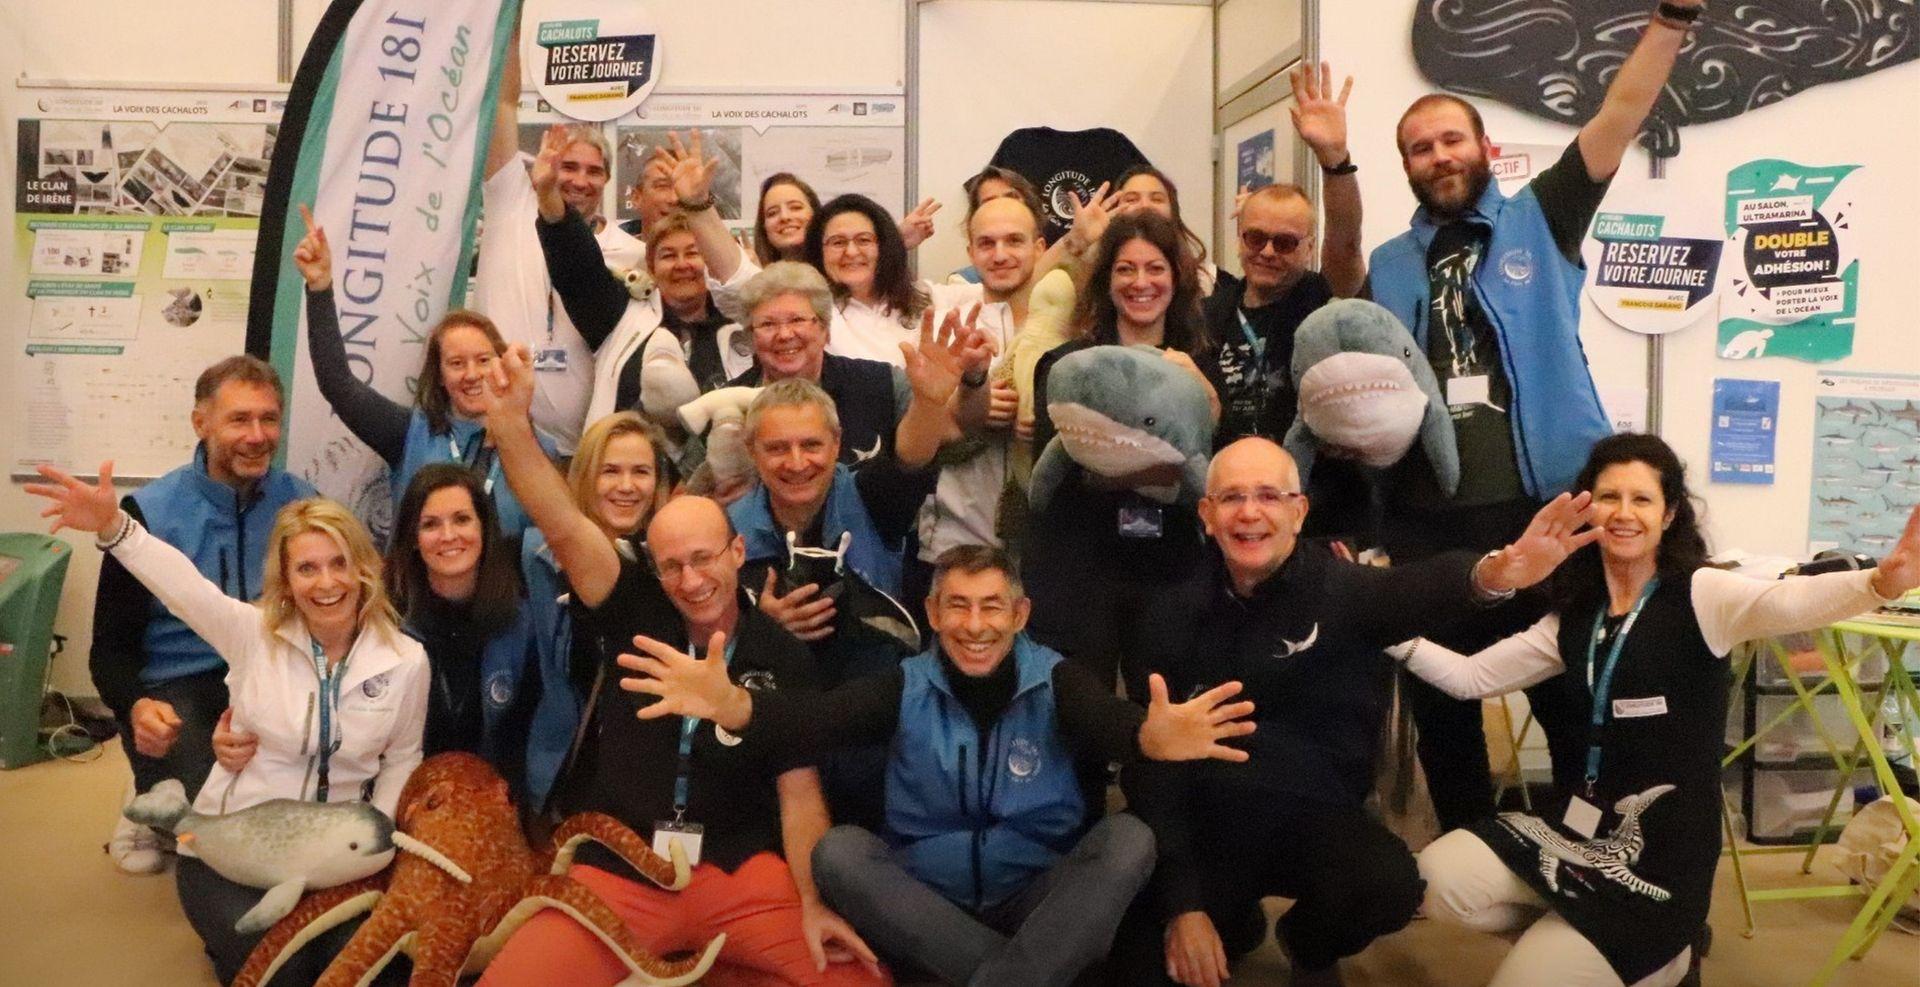 L'équipe de Longitude 181 au Salon de la Plongée